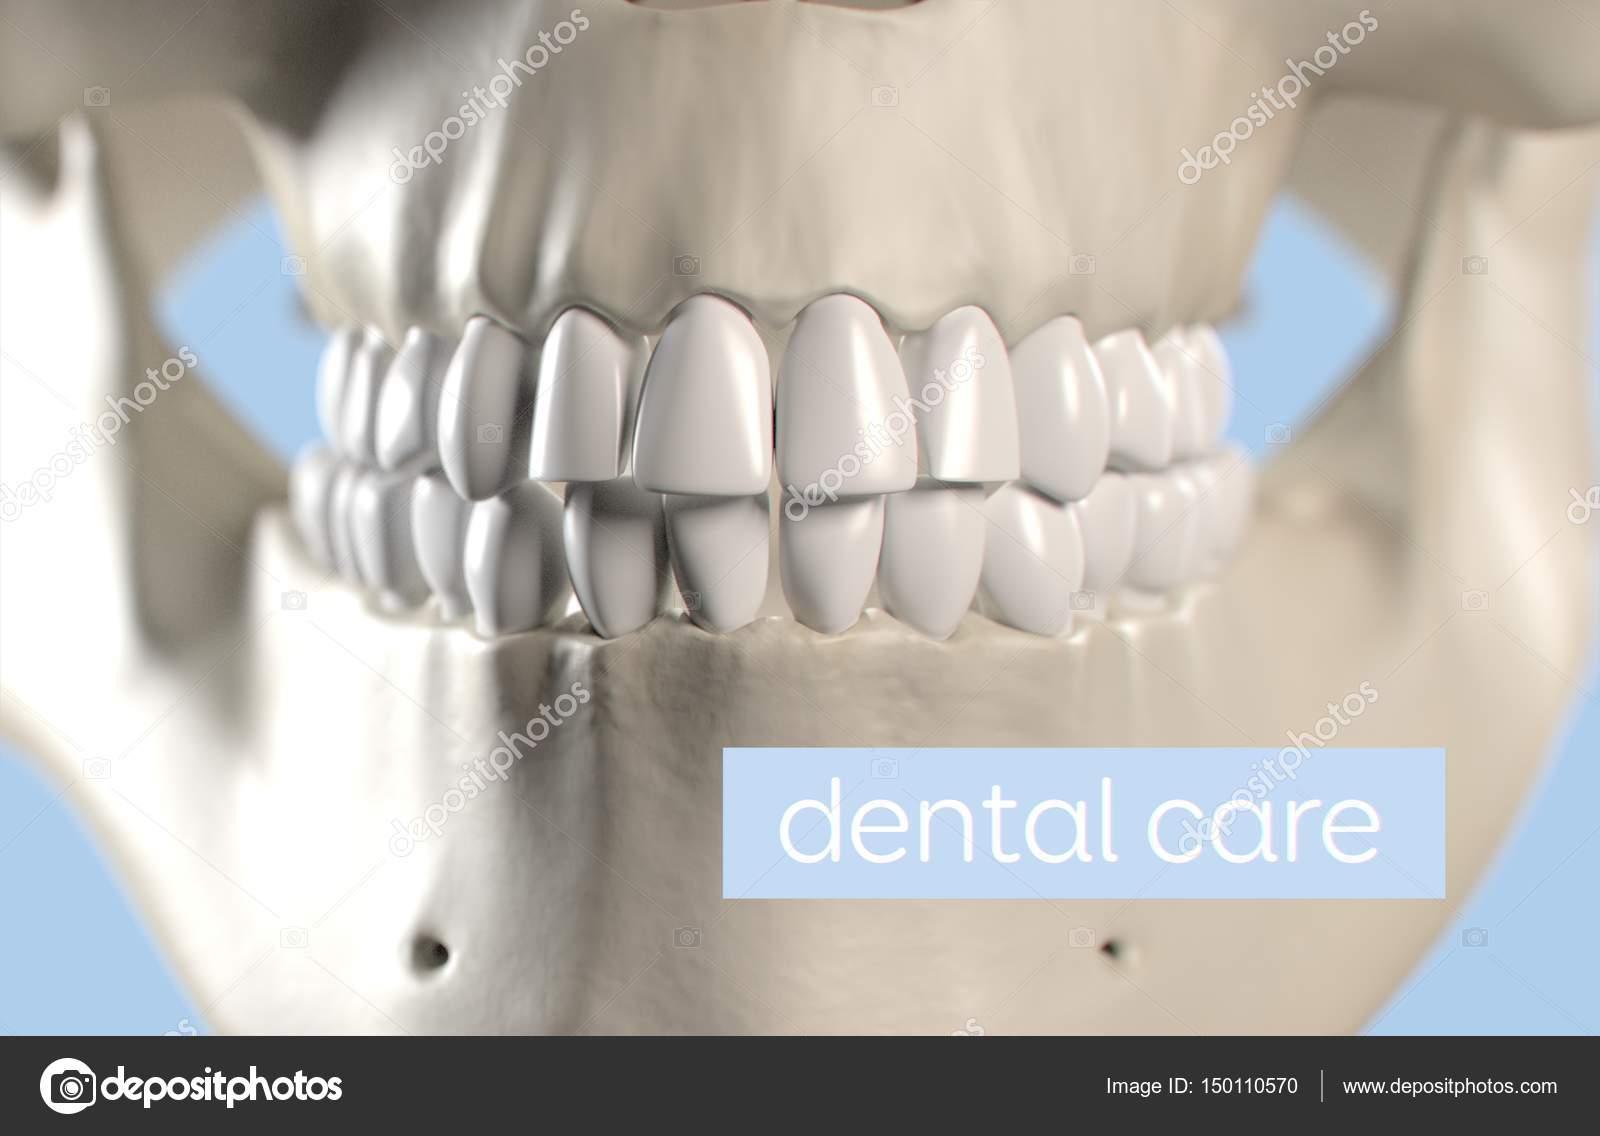 Human teeth anatomy model — Stock Photo © AnatomyInsider #150110570